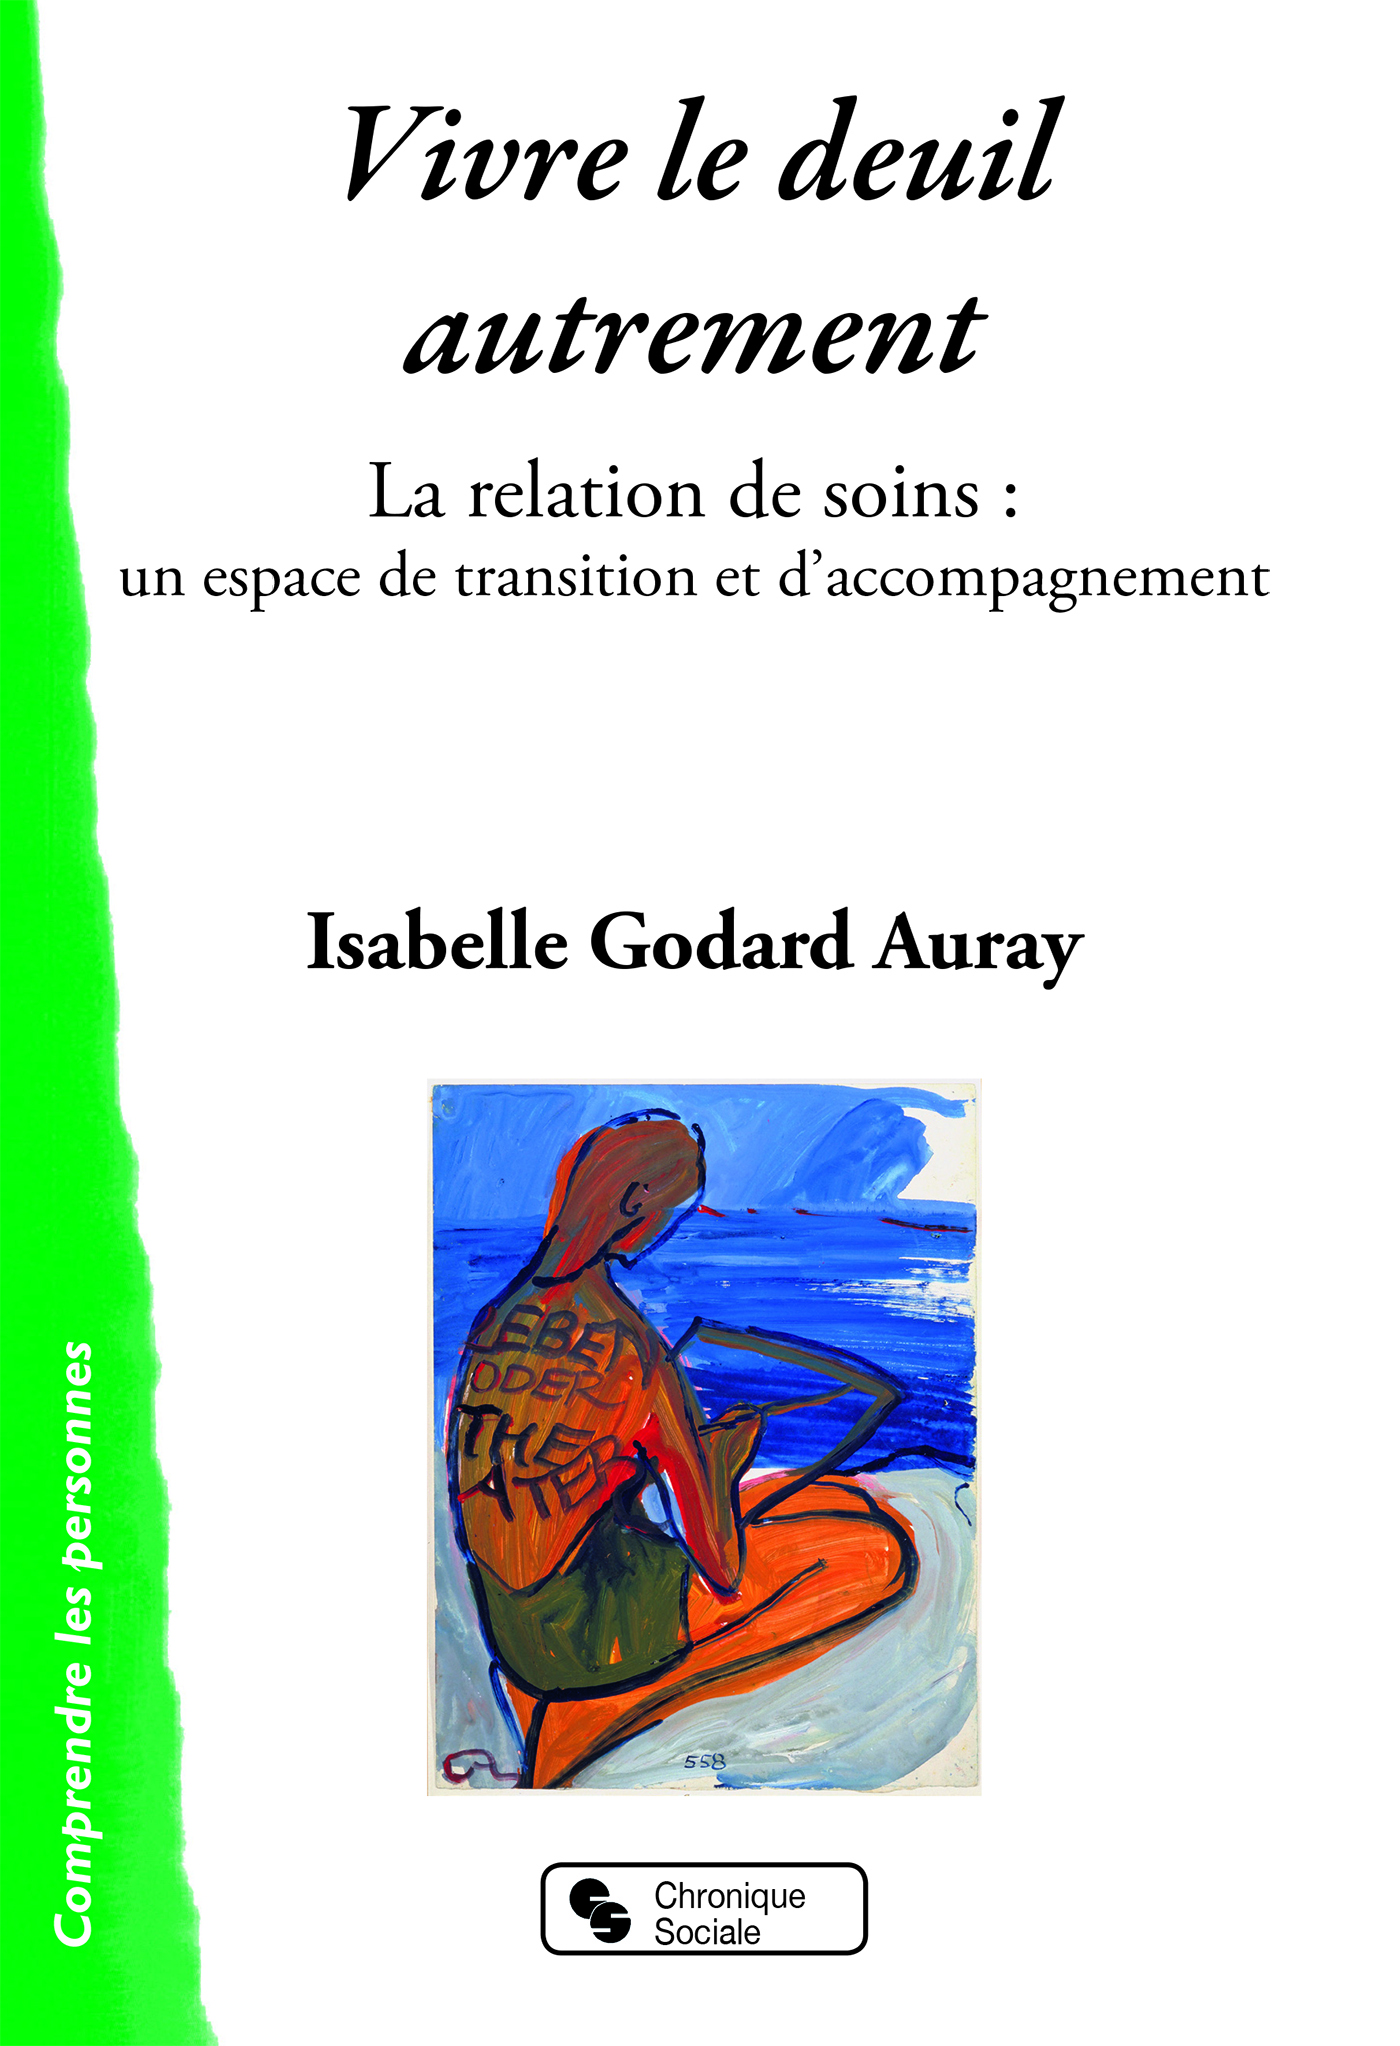 VIVRE LE DEUIL AUTREMENT - LA RELATION DE SOINS : UN ESPACE DE TRANSITION ET D'ACCOMPAGNEMENT